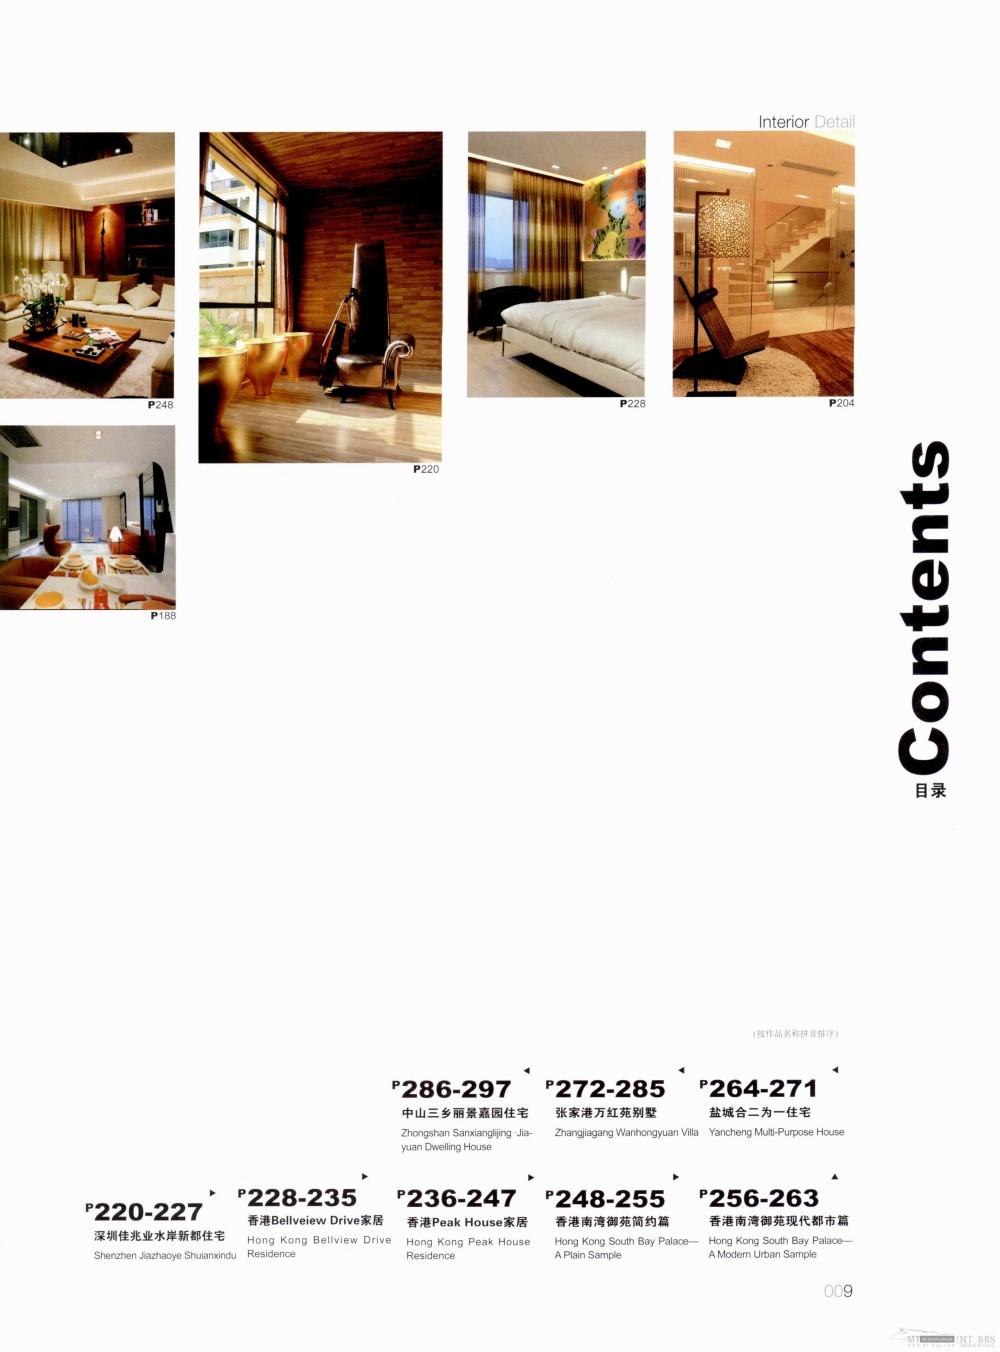 17本家装图册,已传完。_4 细部-个性家居_页面_004.jpg